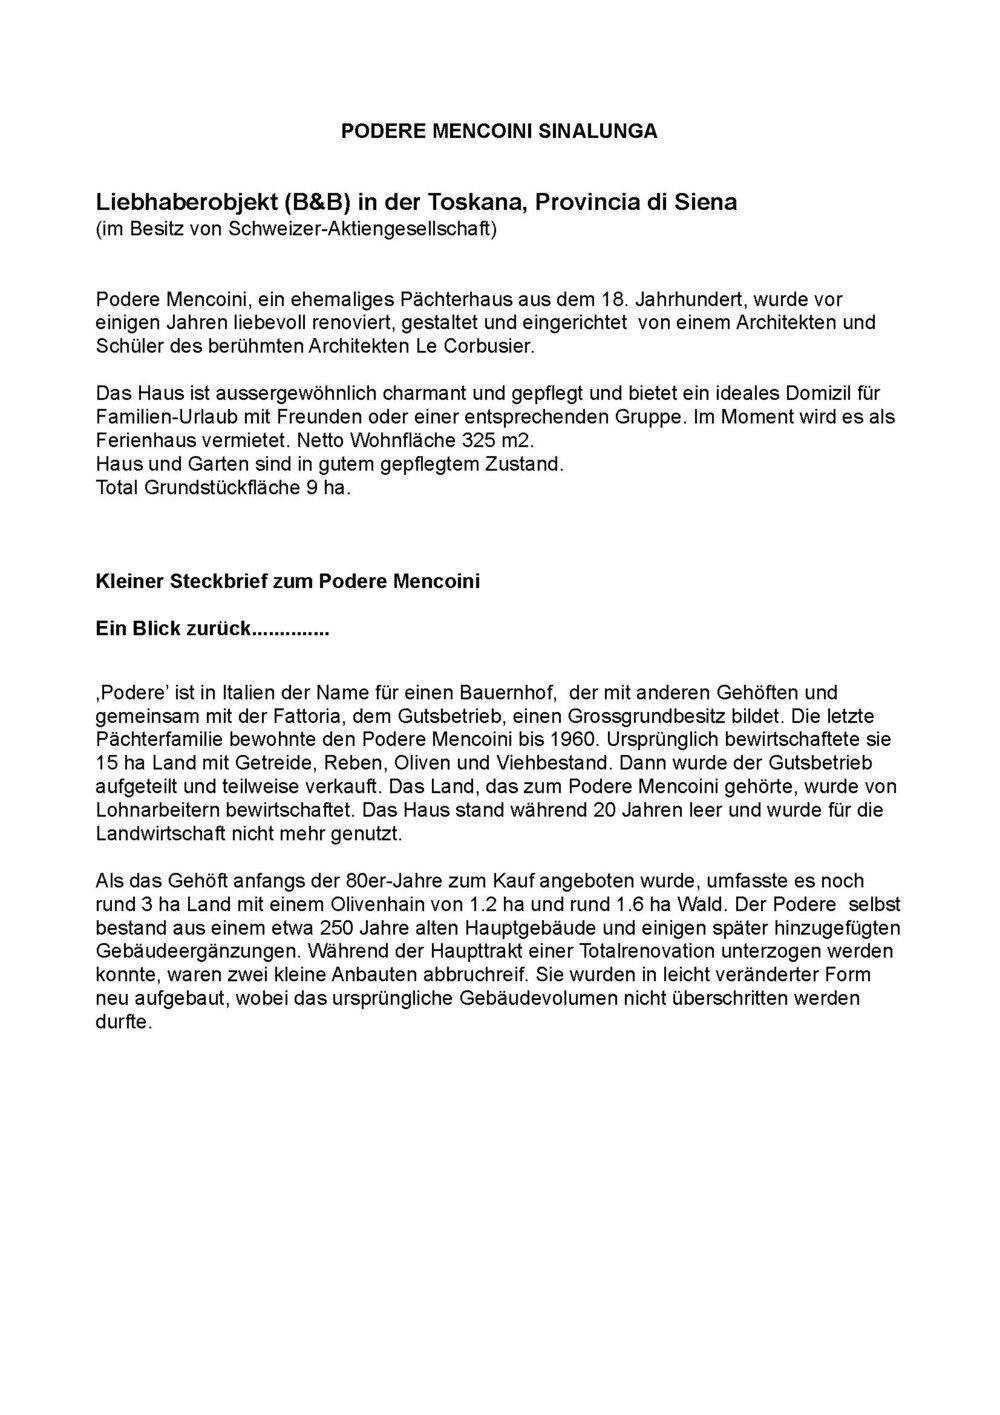 Kleiner Steckbrief zum Podere Mencoini_geschwärzt_Seite_1.jpg